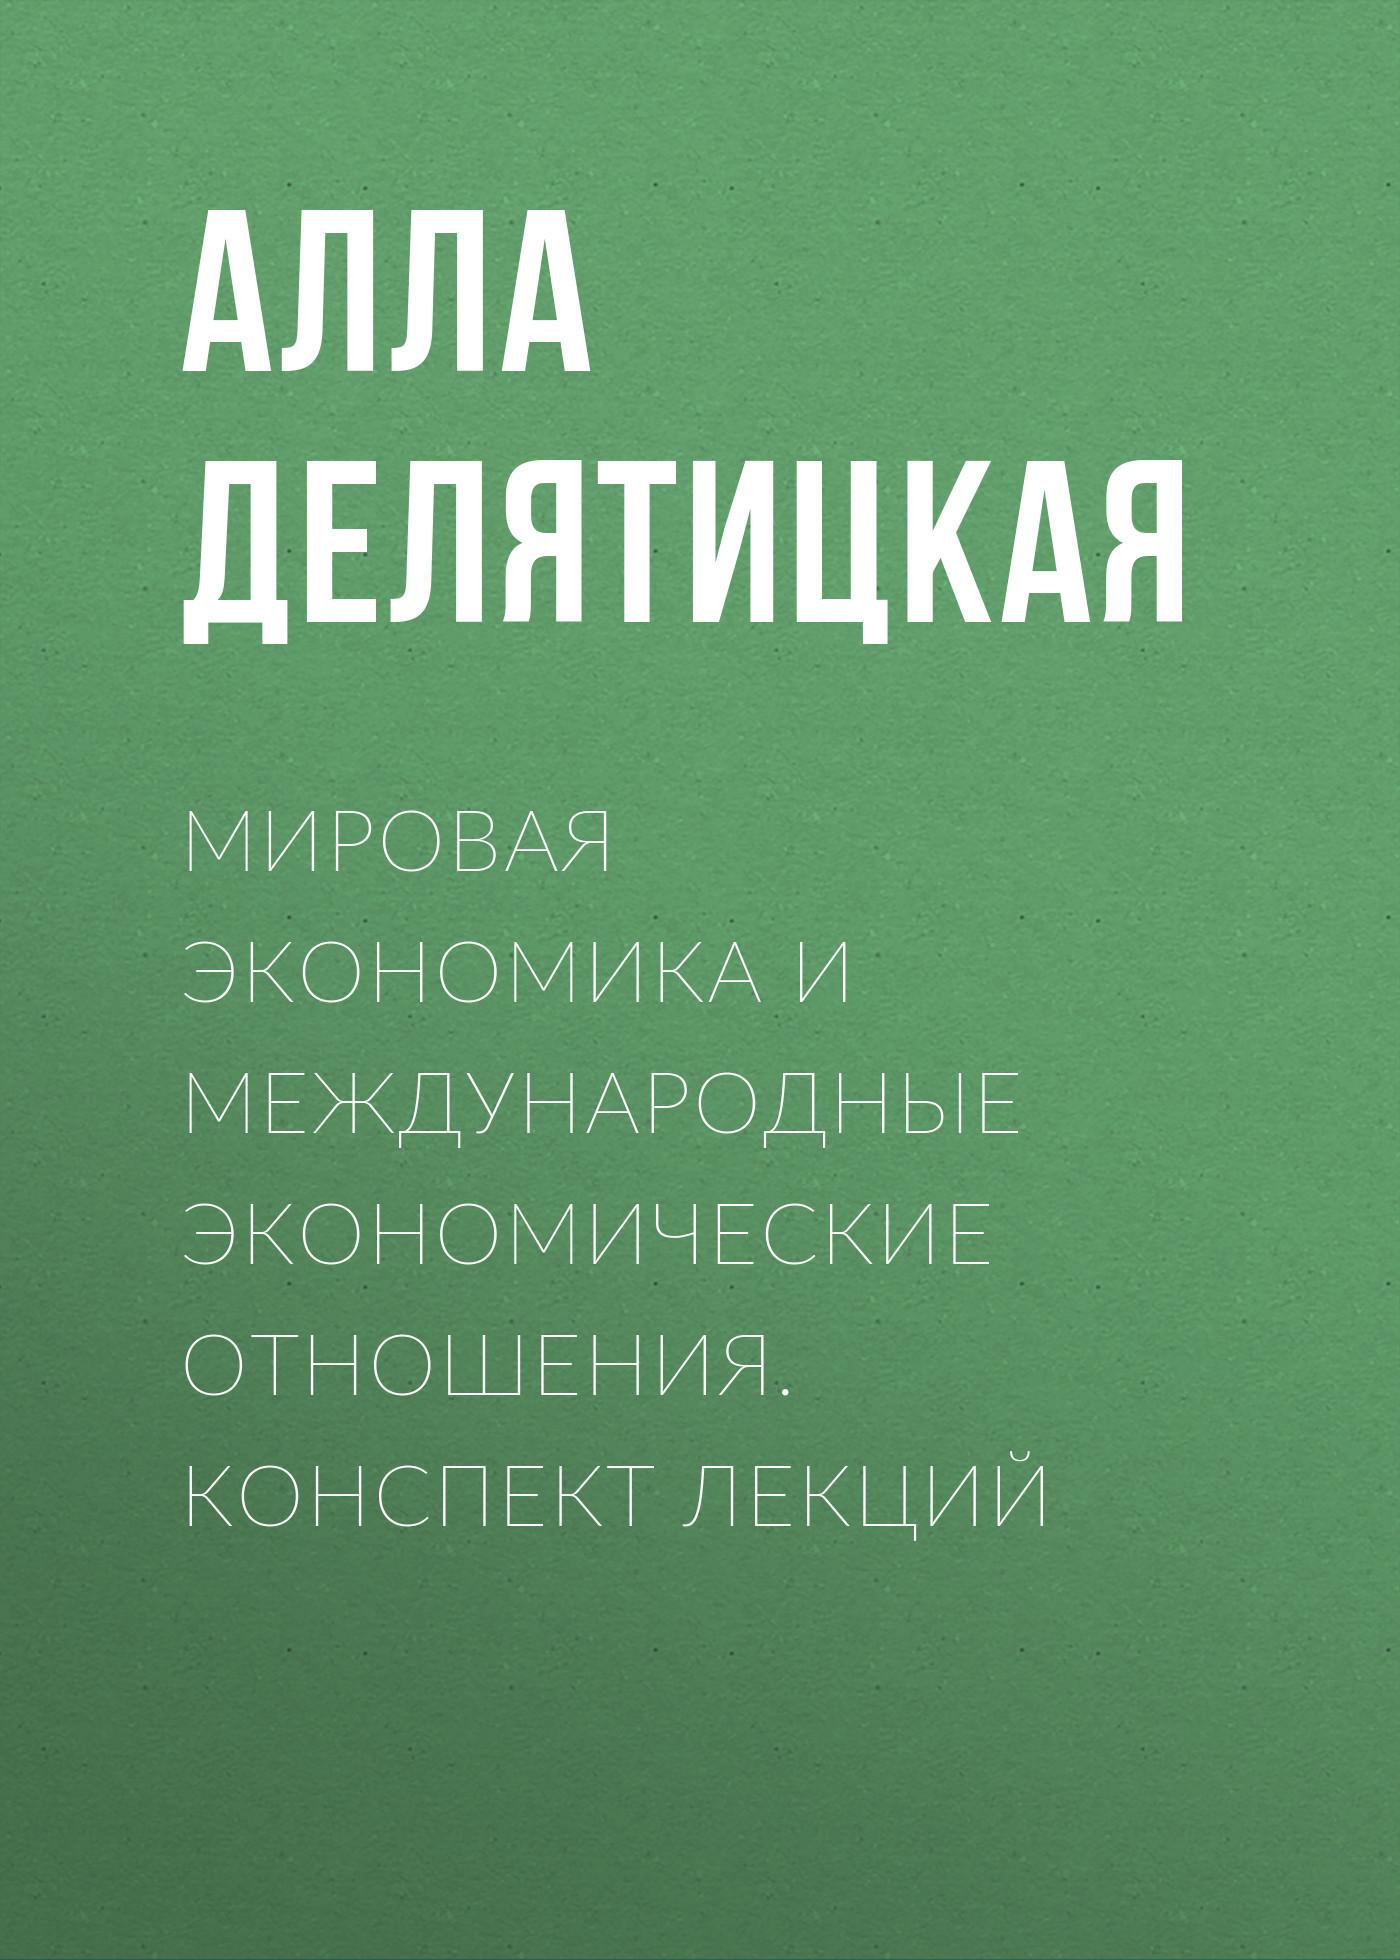 Алла Делятицкая - Мировая экономика и международные экономические отношения. Конспект лекций